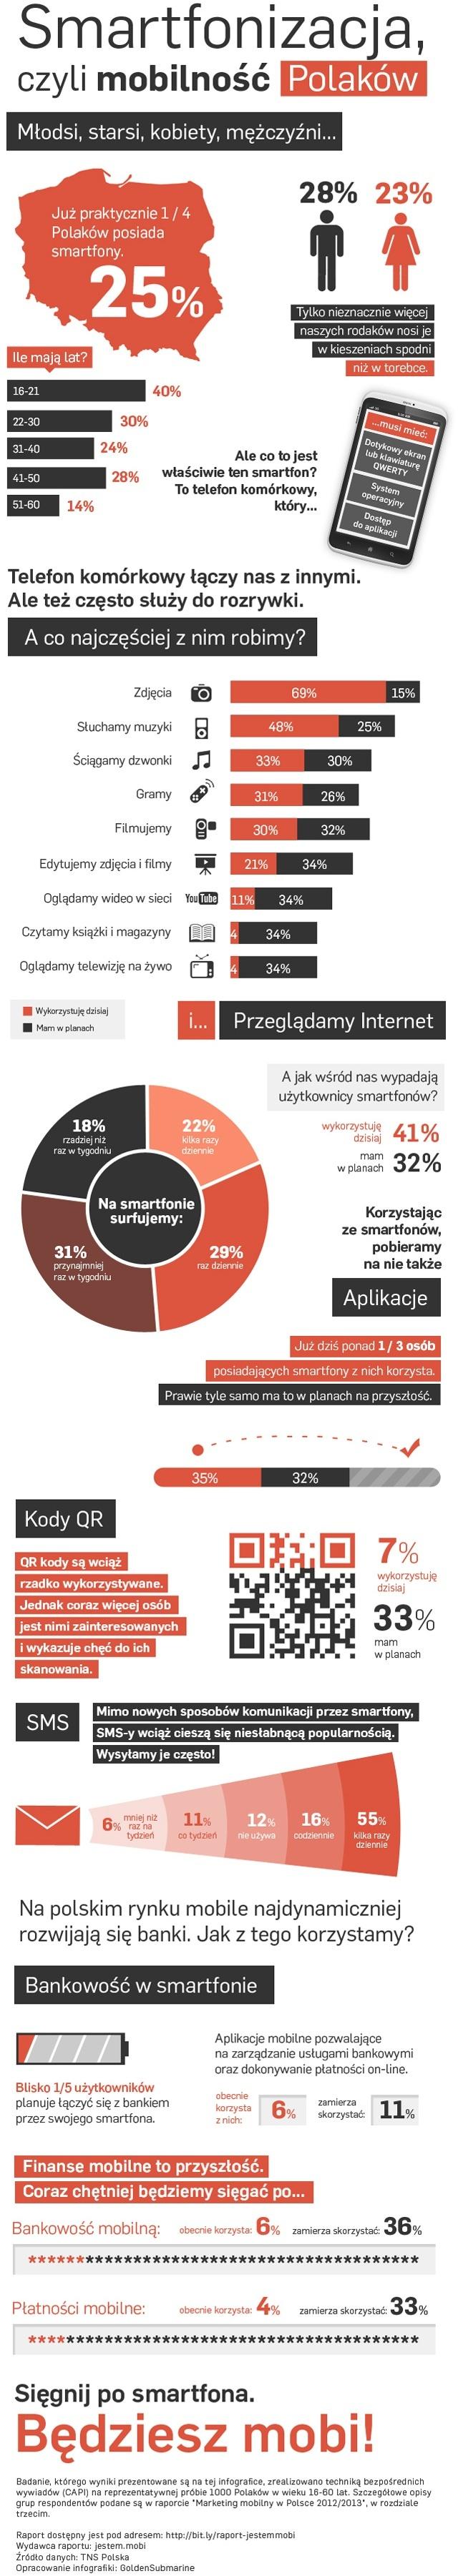 Smartfonizacja, czyli mobilność Polaków